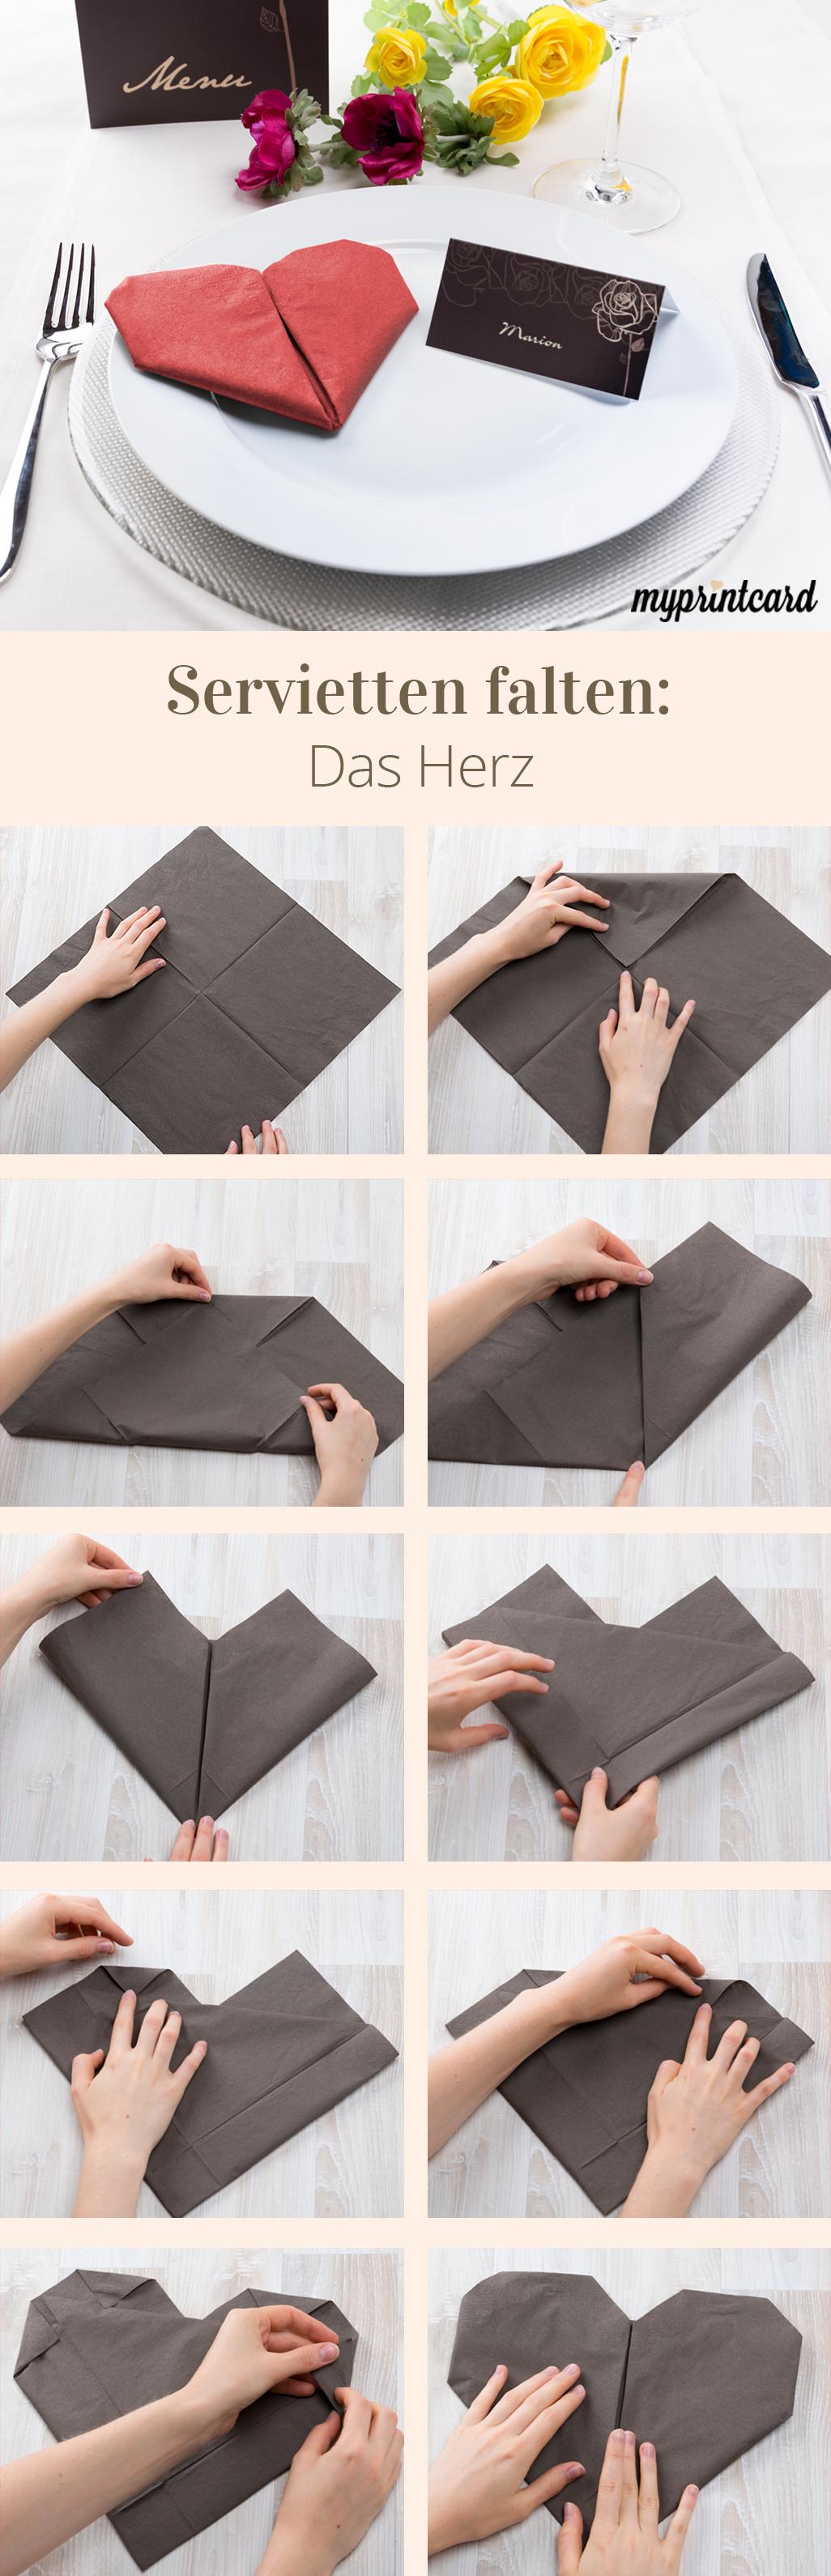 Servietten falten – Das Herz #serviettenfalteneinfach